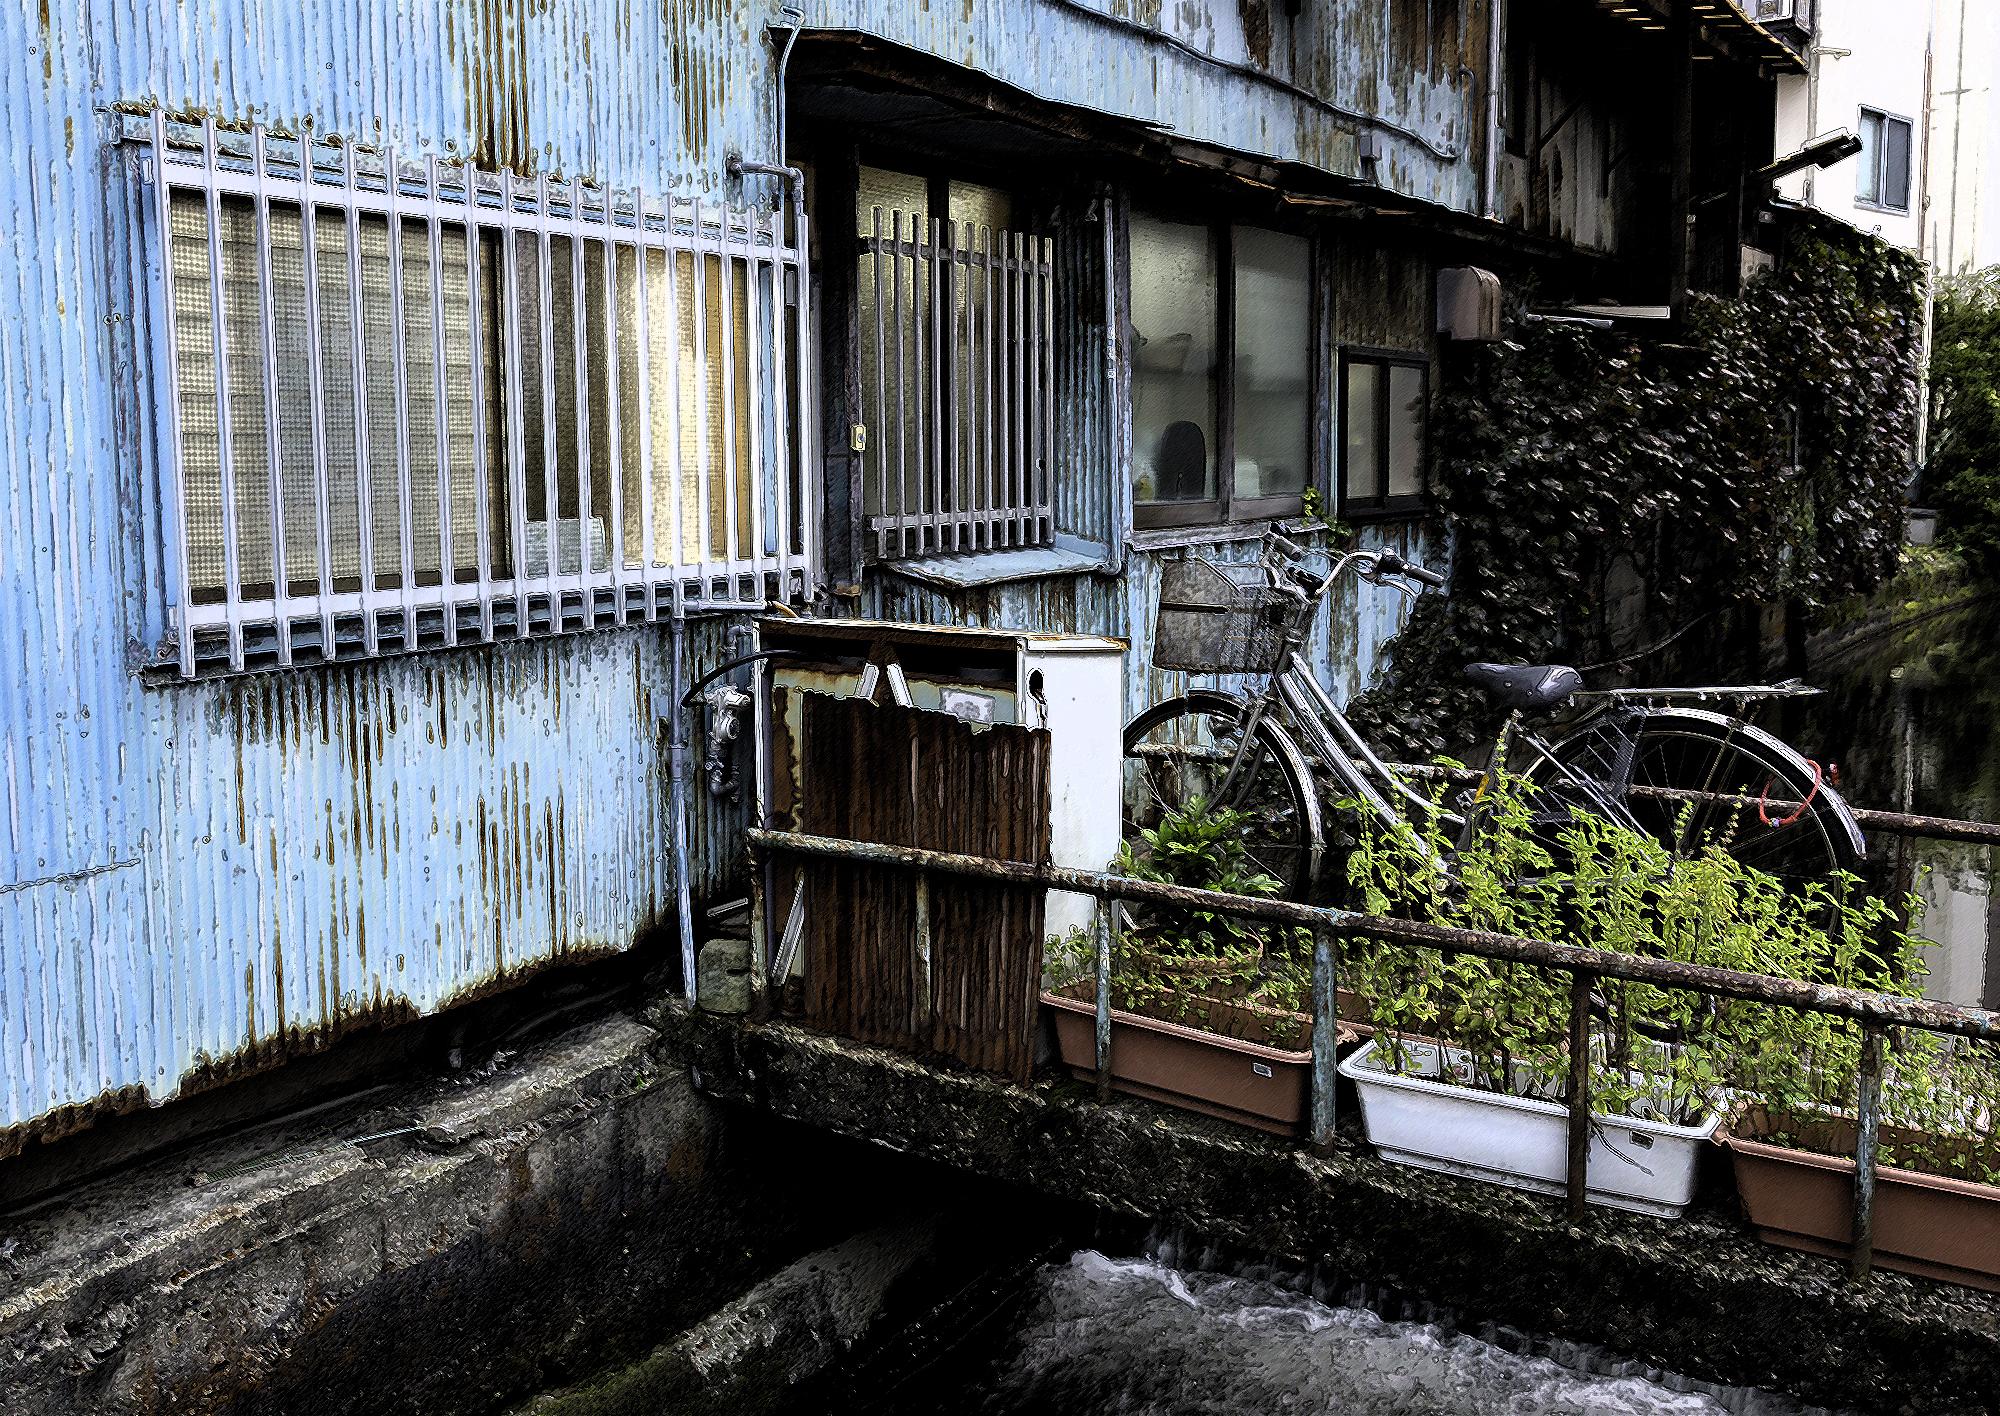 Canal house, Kanazawa